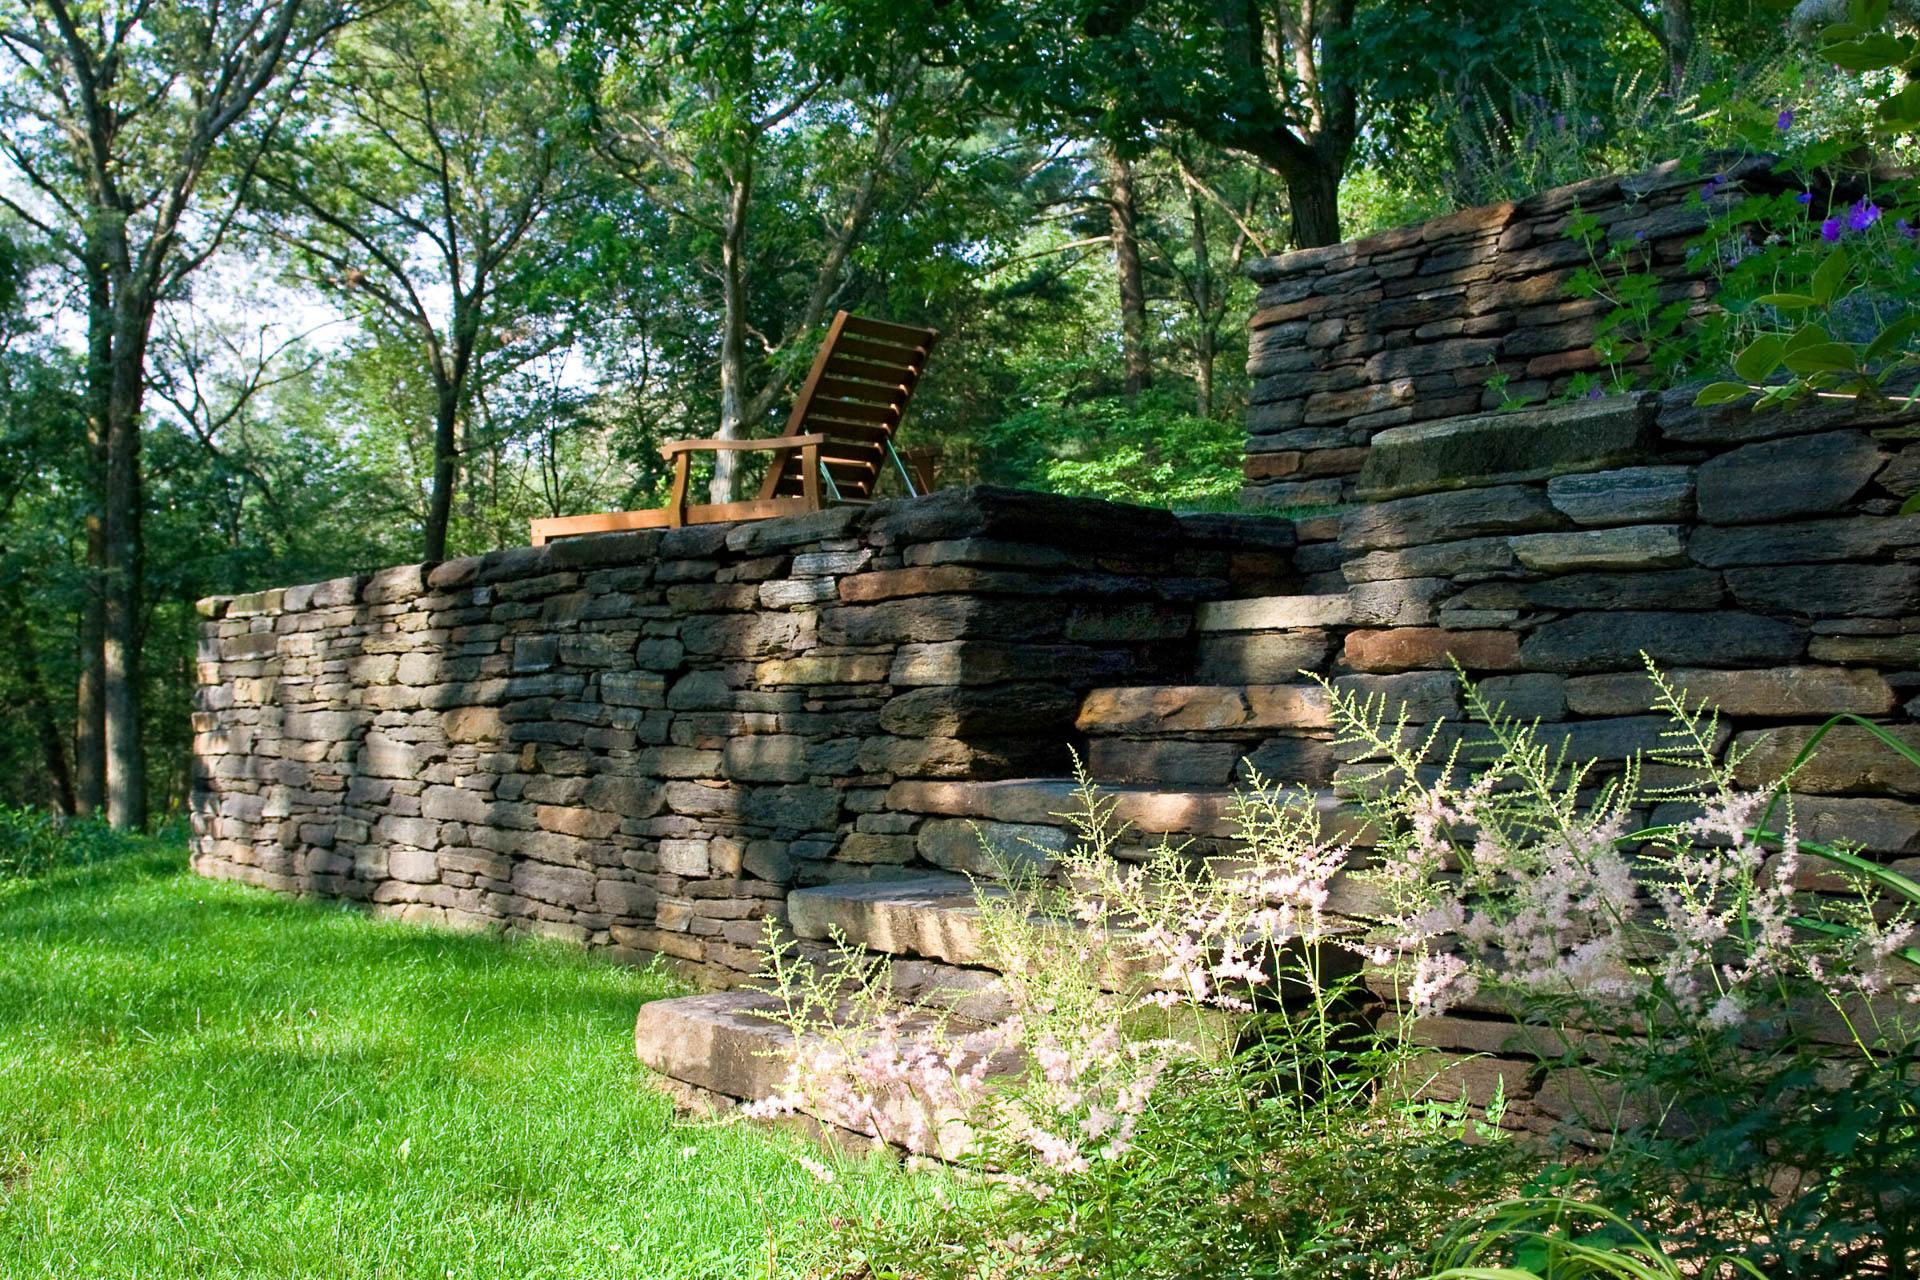 Belmont hill matthew cunningham landscape design llc for Garden design llc